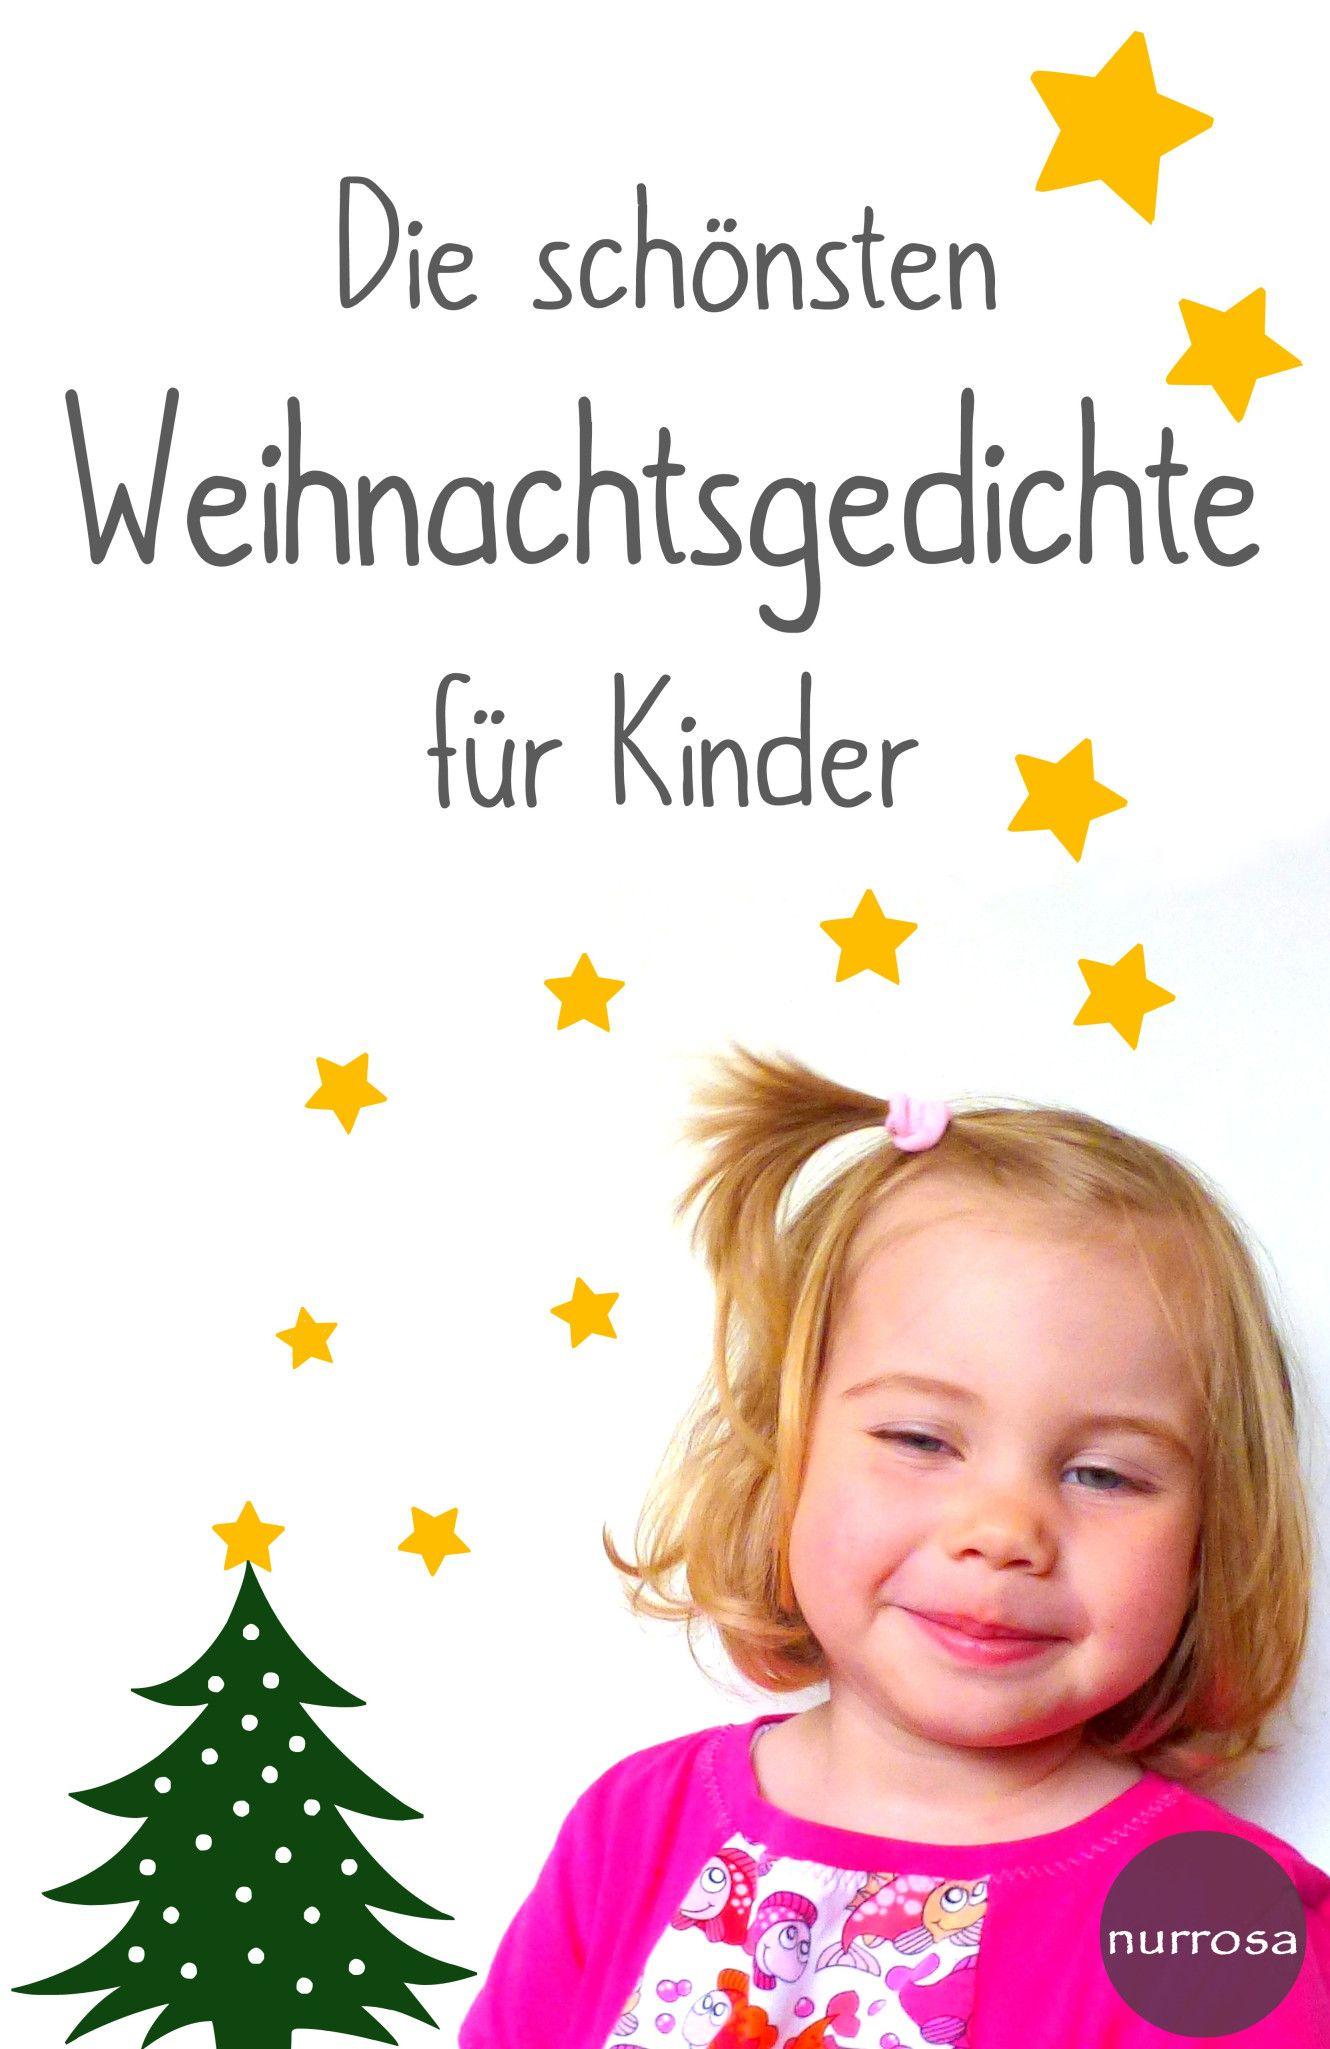 Die Schönsten Weihnachtsgedichte Für Kinder über Kurze Weihnachtsgedichte Für Kindergartenkinder